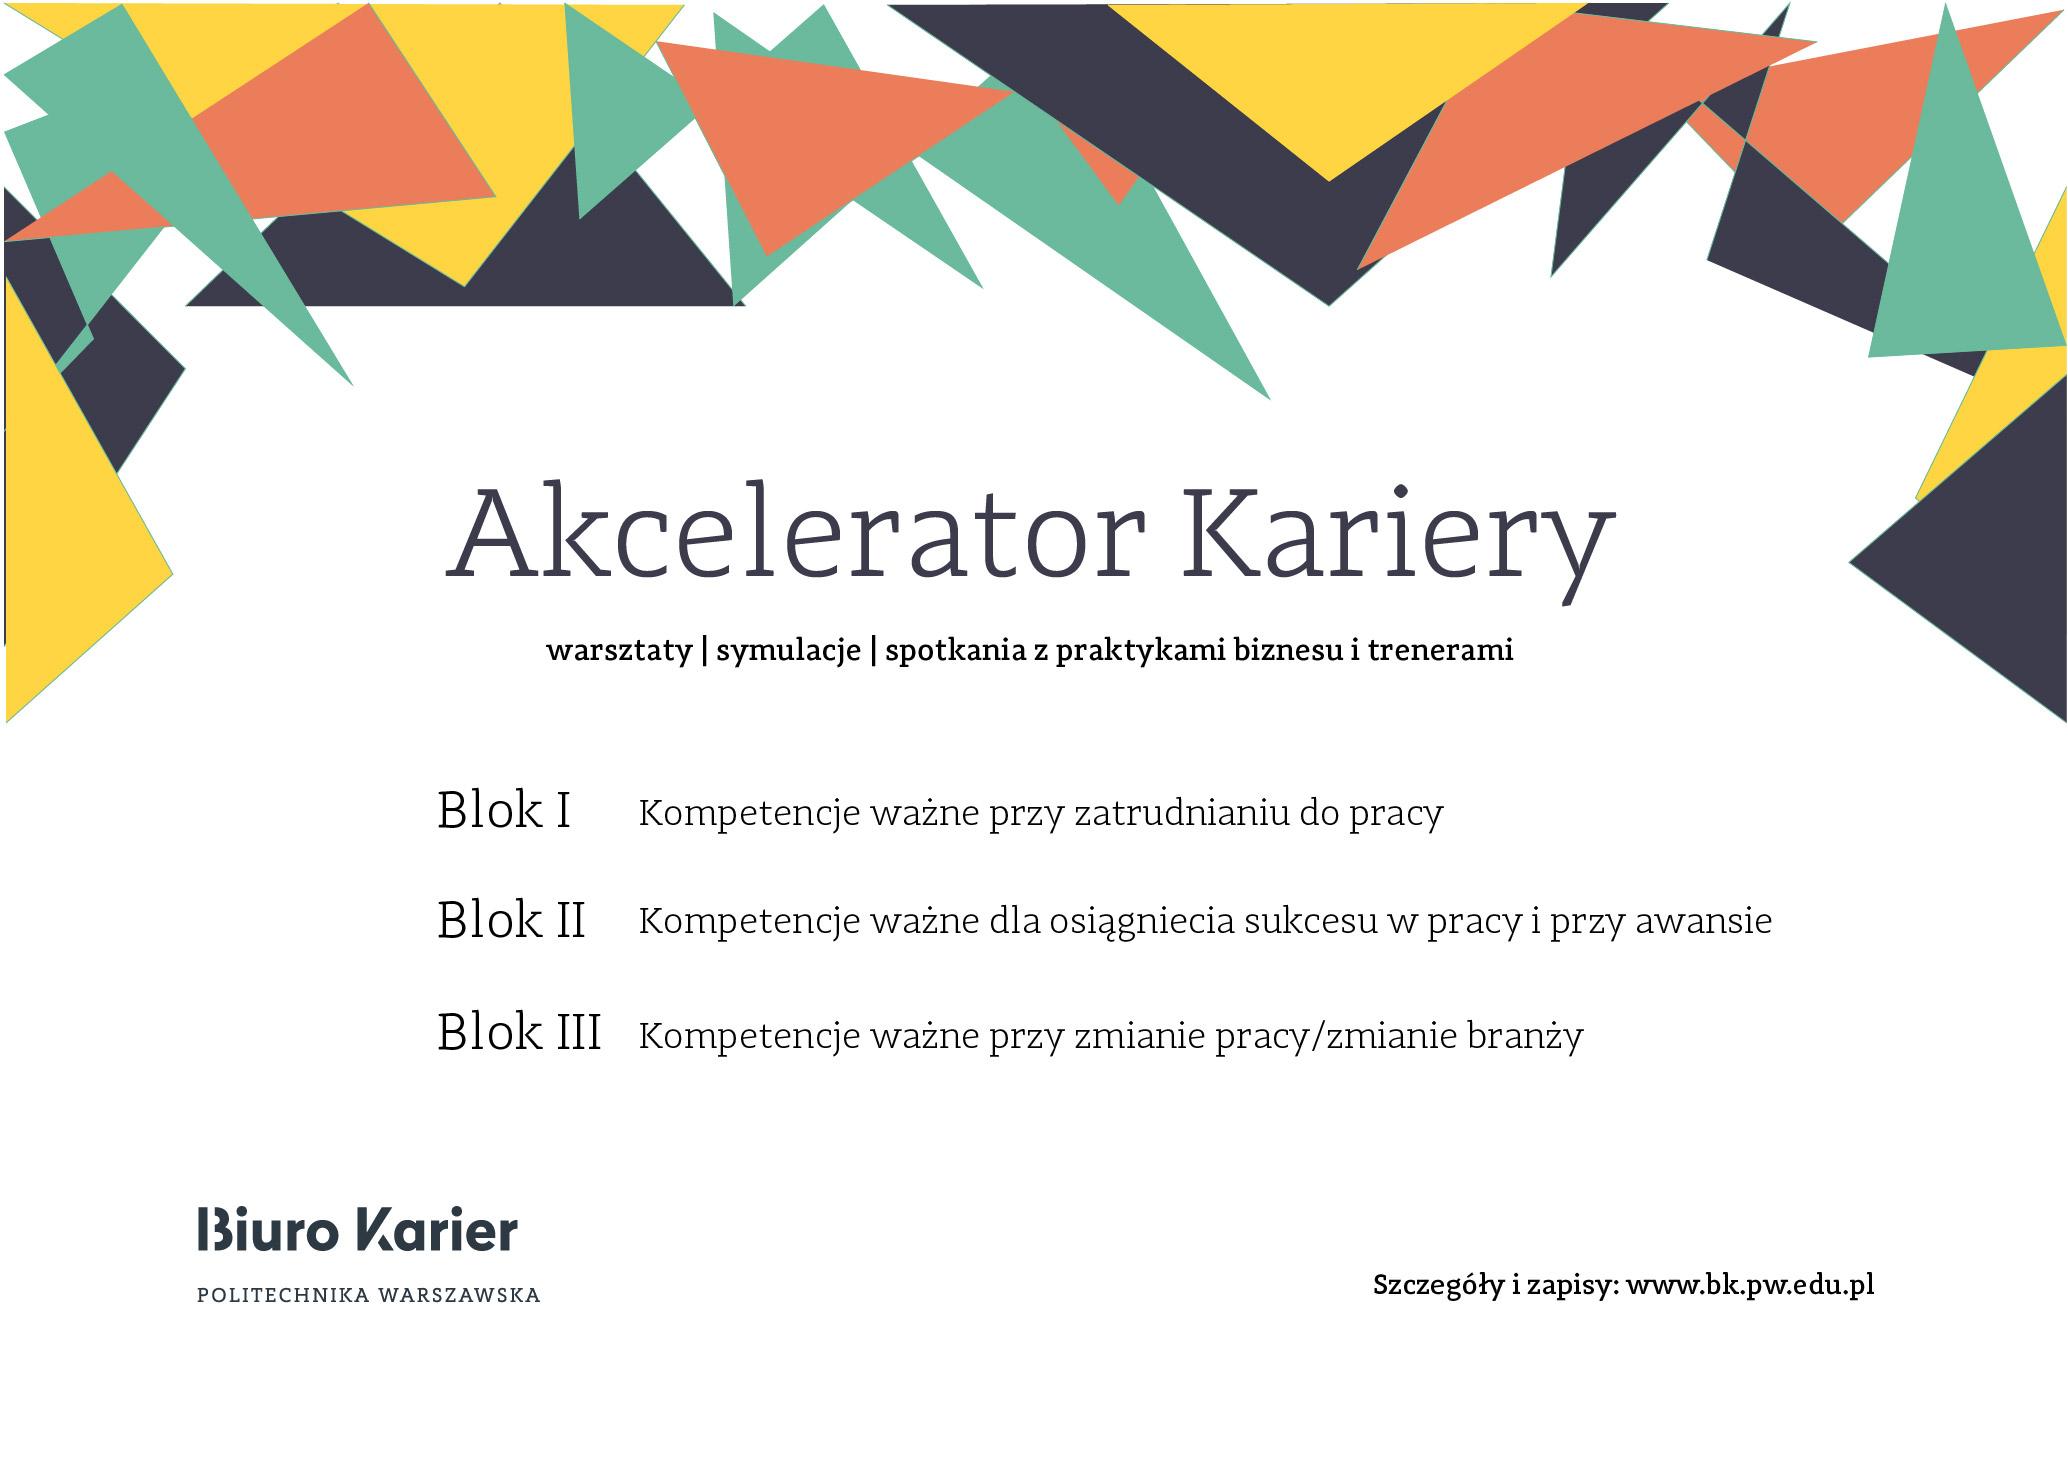 Akcelerator Kariery- Blok II- Kompetencje ważne dla osiągniecia sukcesu w pracy i przy awansie